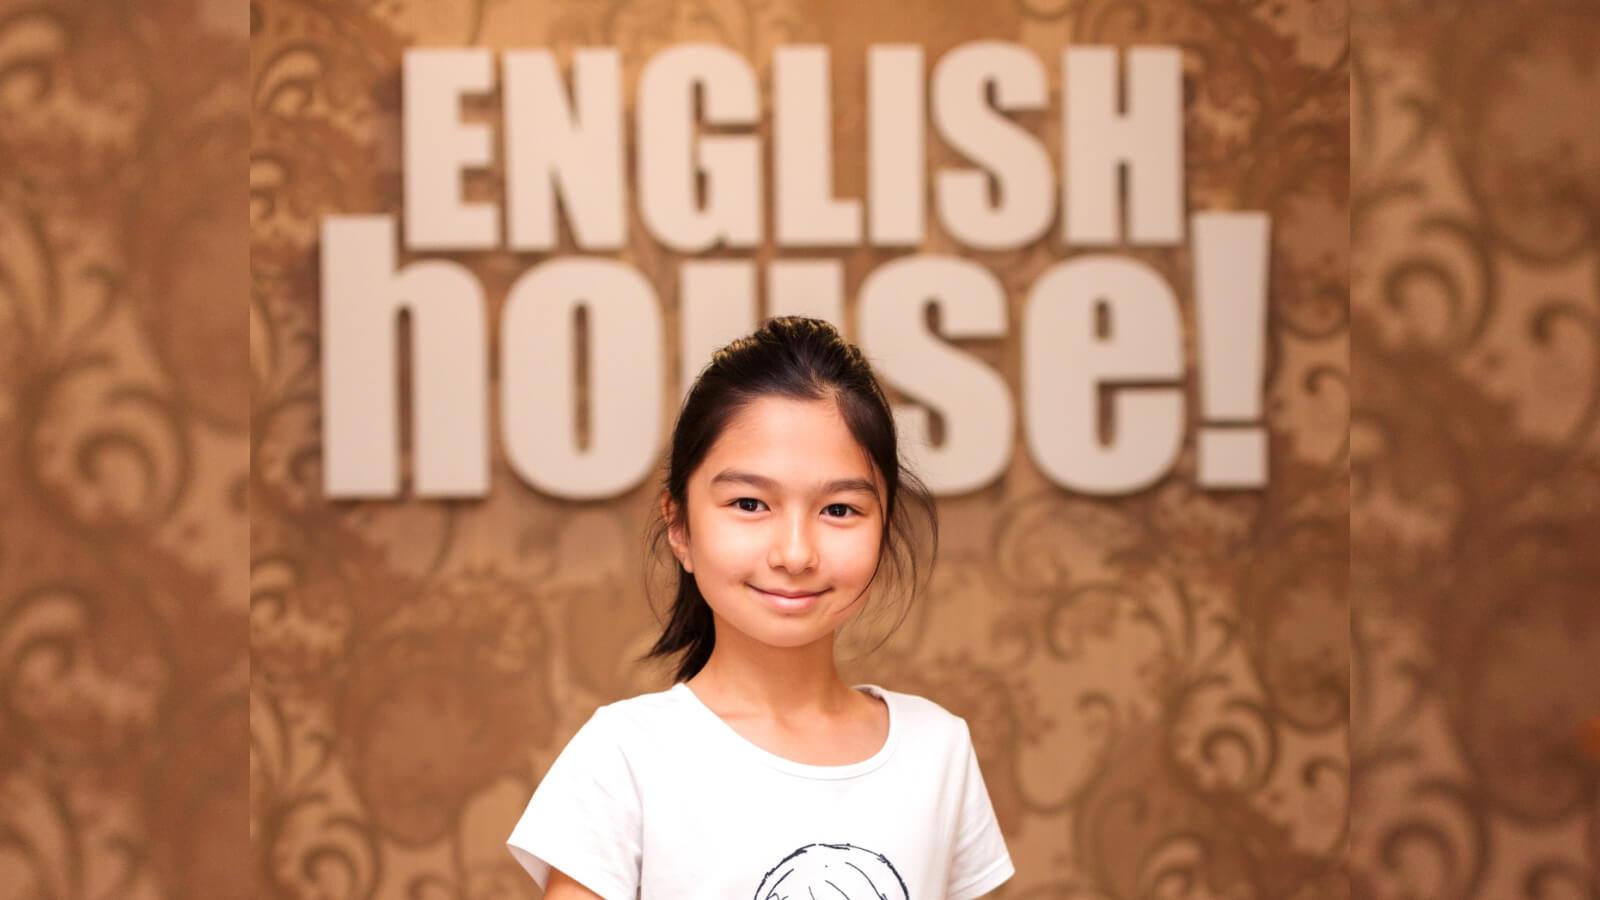 Английский язык для детей в Астане Нурсултане